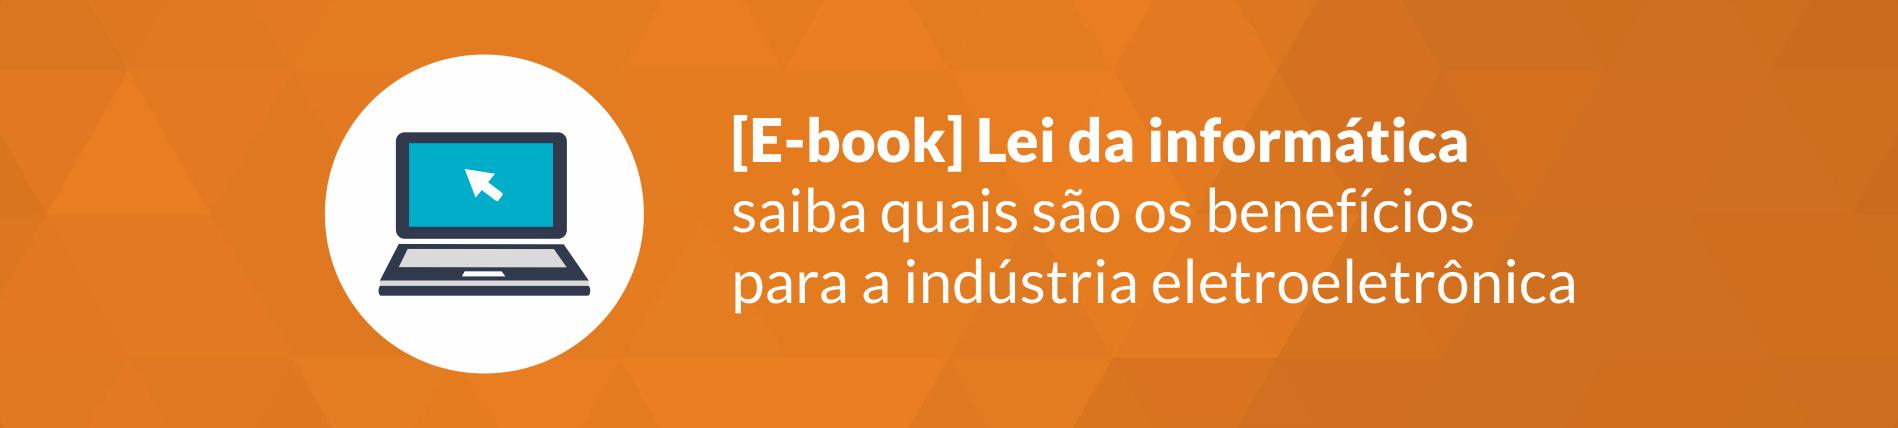 lei-da-informatica03